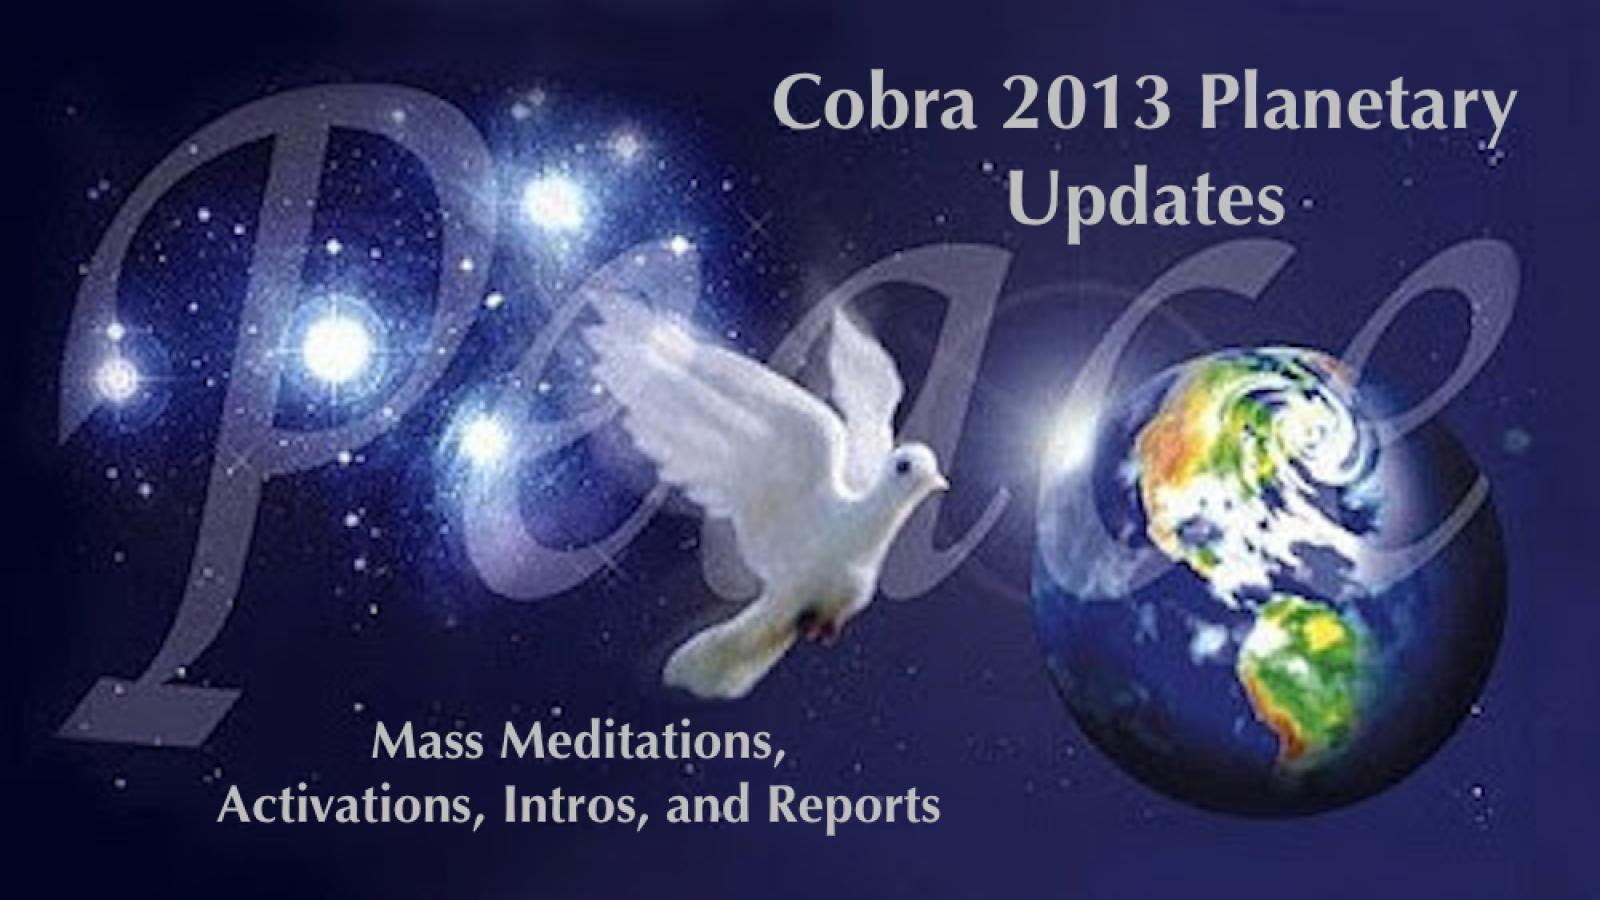 cobra 2013 updates